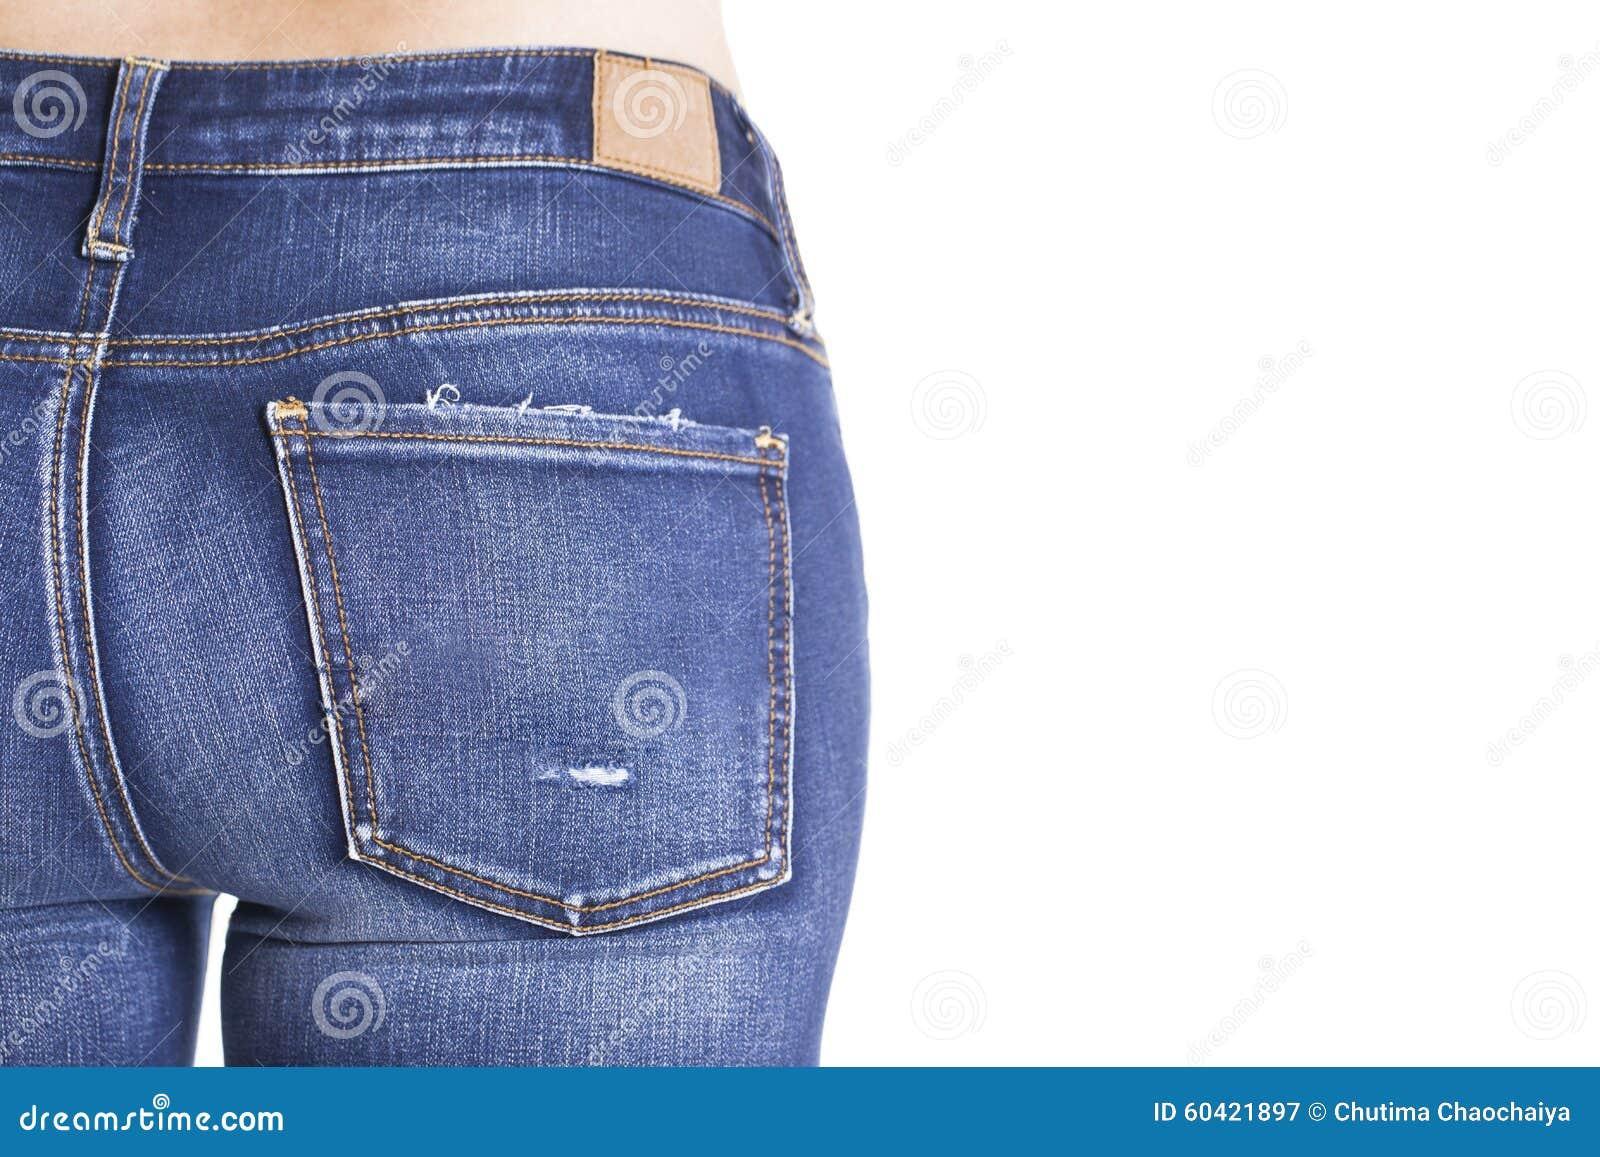 妇女穿蓝色牛仔裤